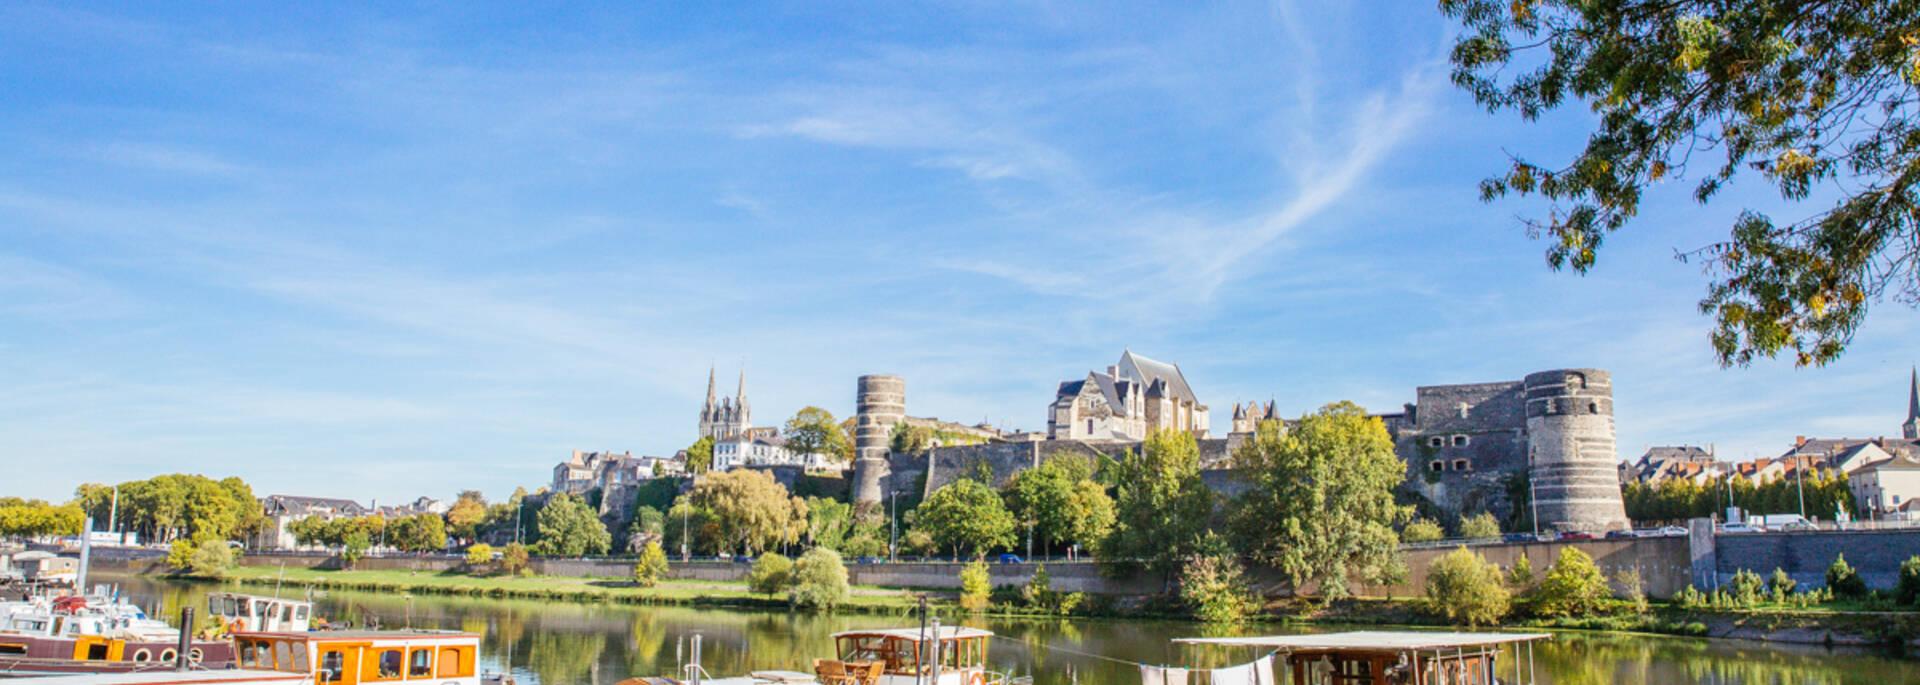 Our group deals to visit Angers © Les Conteurs